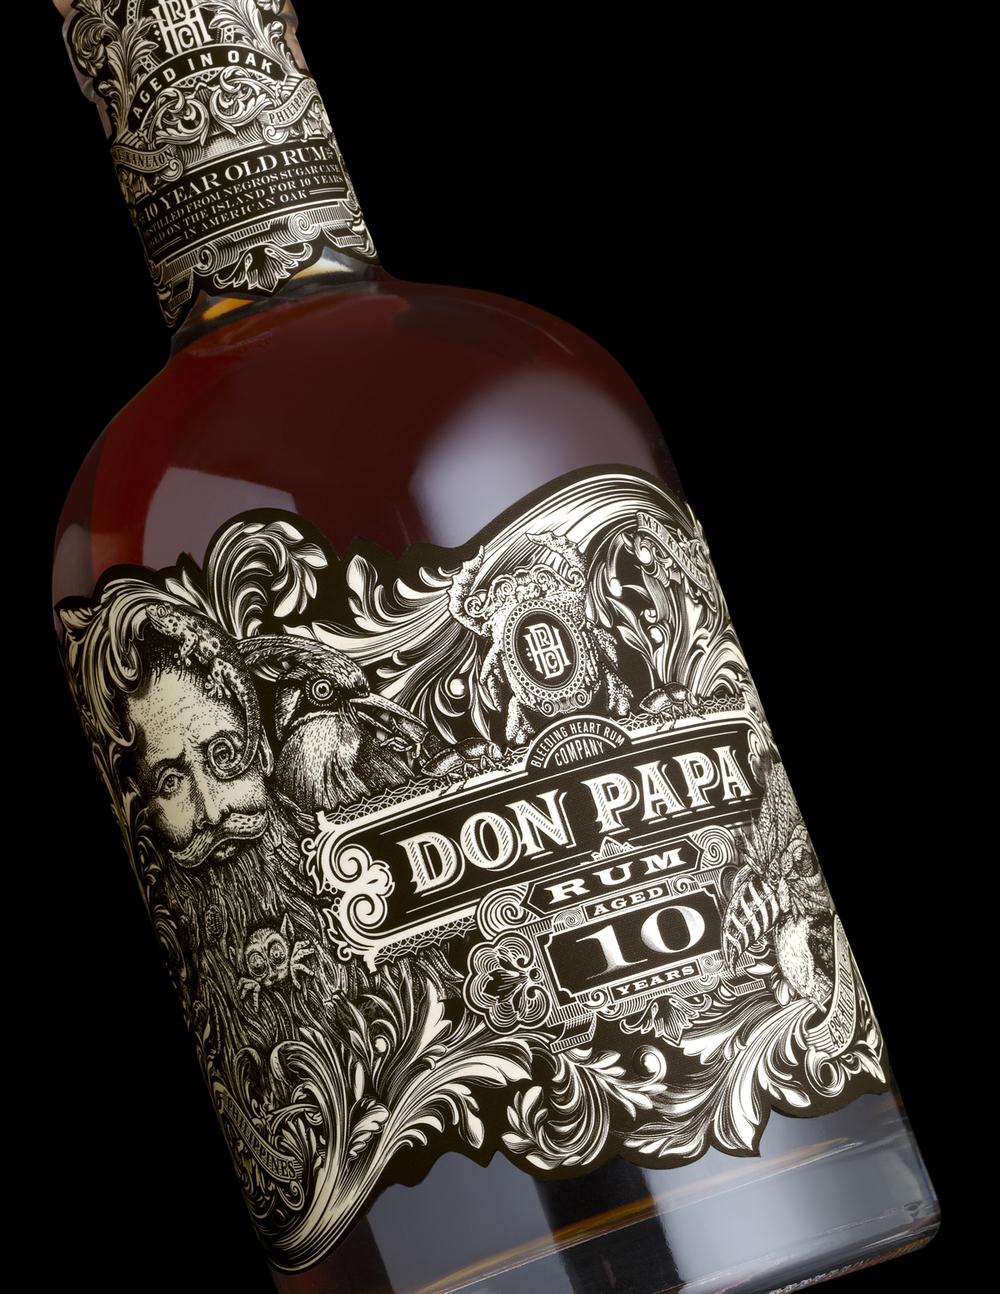 500 Stranger_DonPapa_Bottledetail_F.jpg